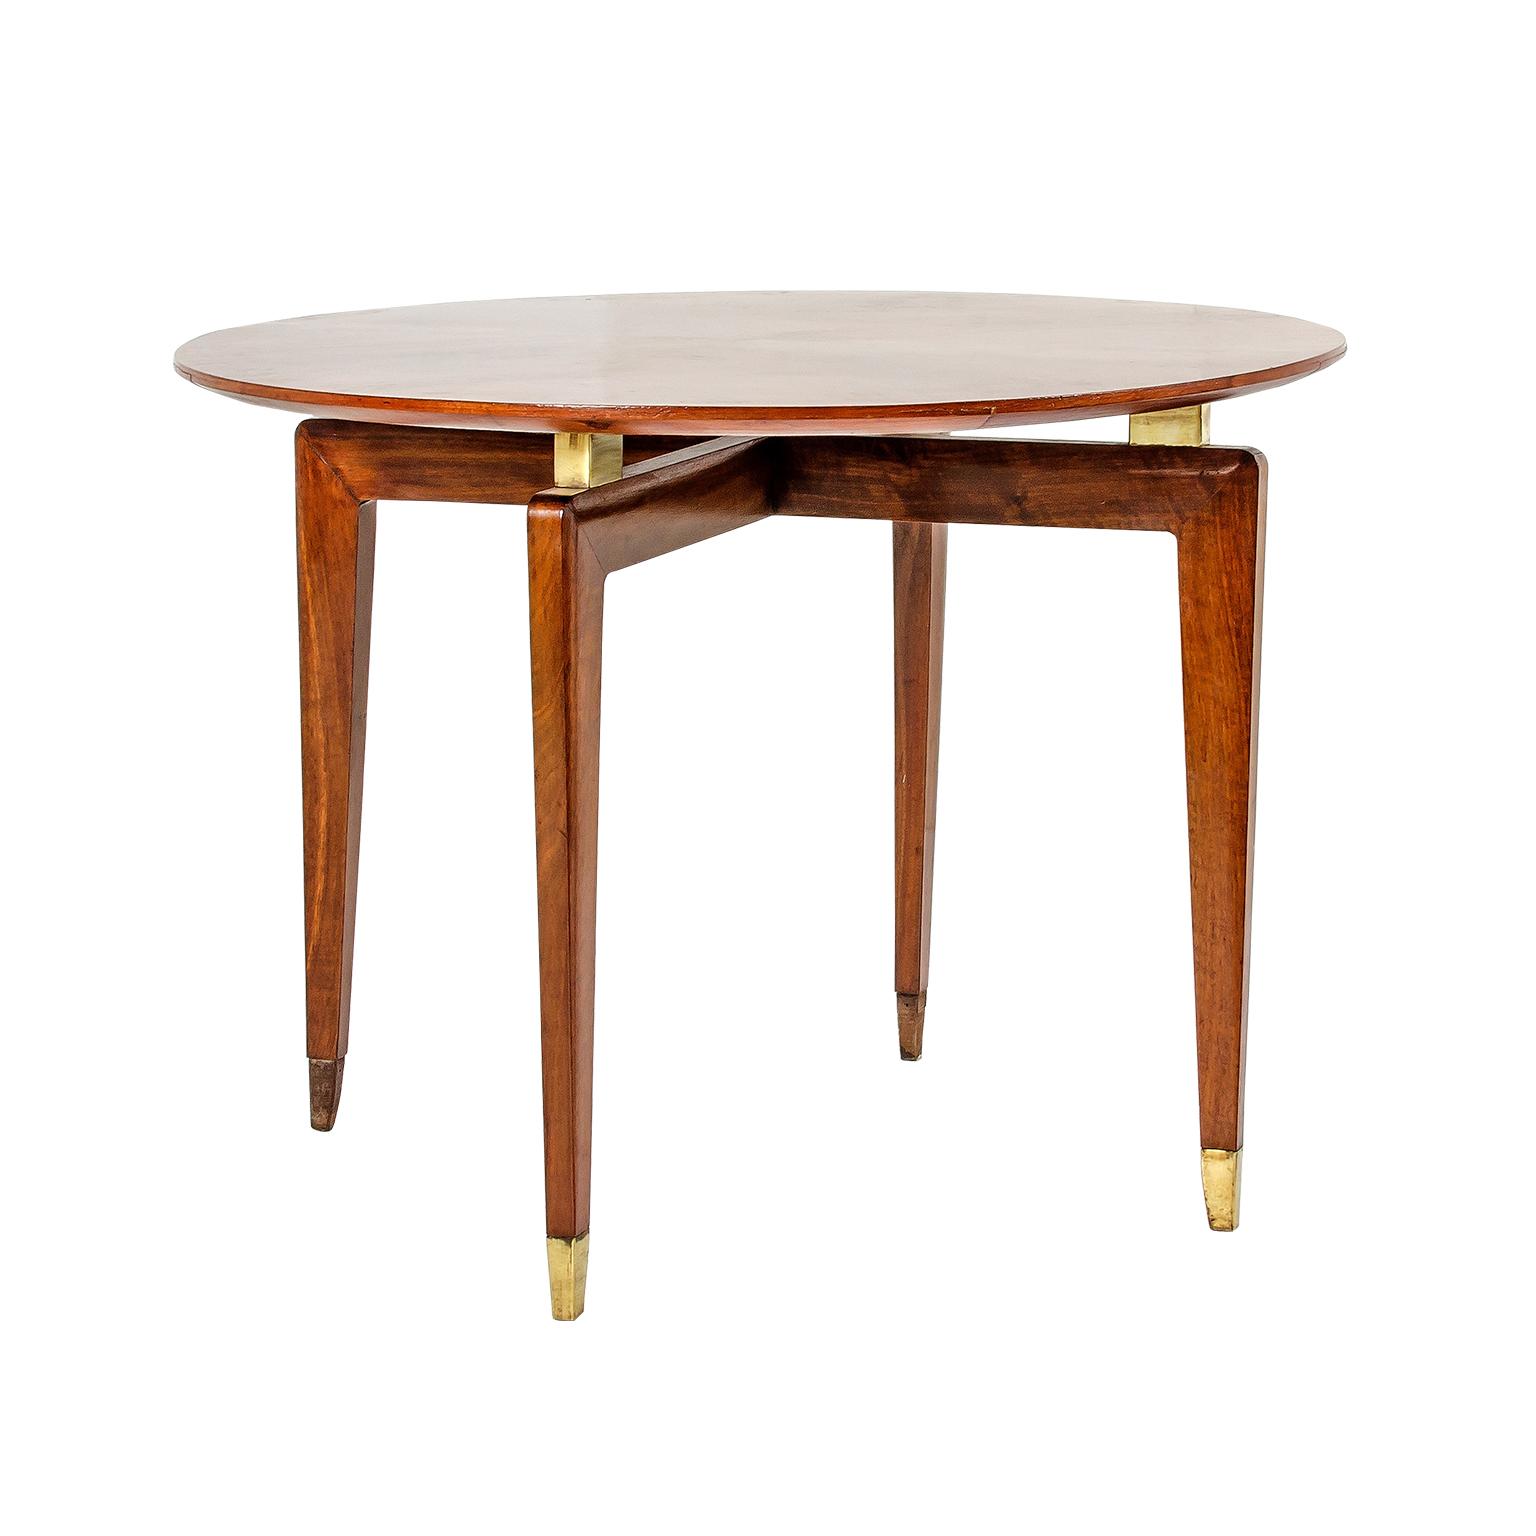 Gio ponti tavolo da pranzo arredo e design moderno mizar for Tavolo da pranzo design